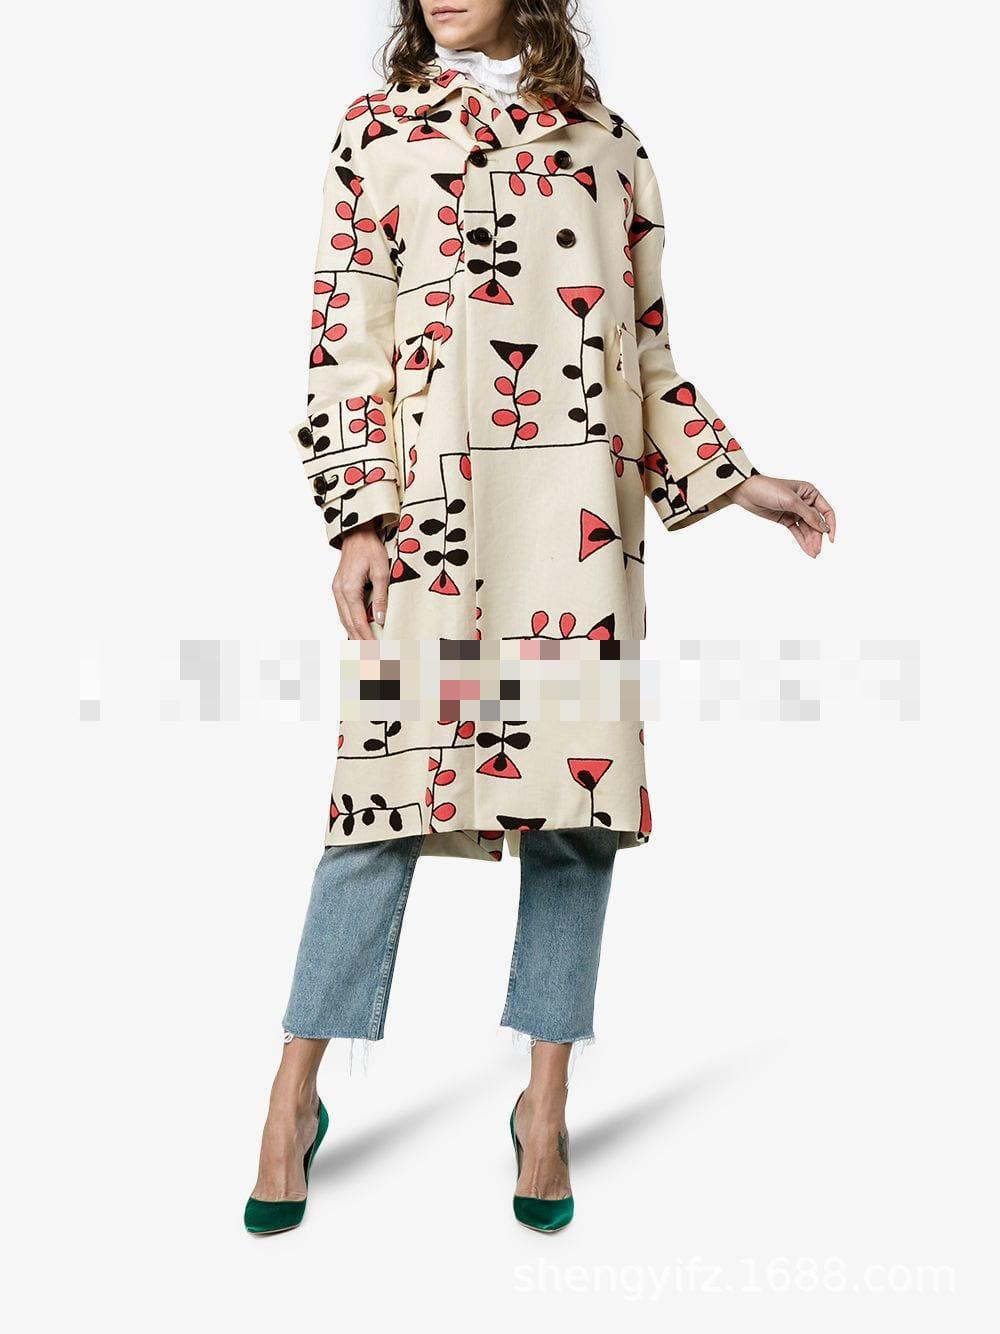 Long Femme Manches Poitrine Veste Manteau Toutes Manteaux Sélections Unique Picture zoux Imprimer Lâche D'hiver Pardessus Longues Laine As Dames Z De Les Femmes kZTiOXPu